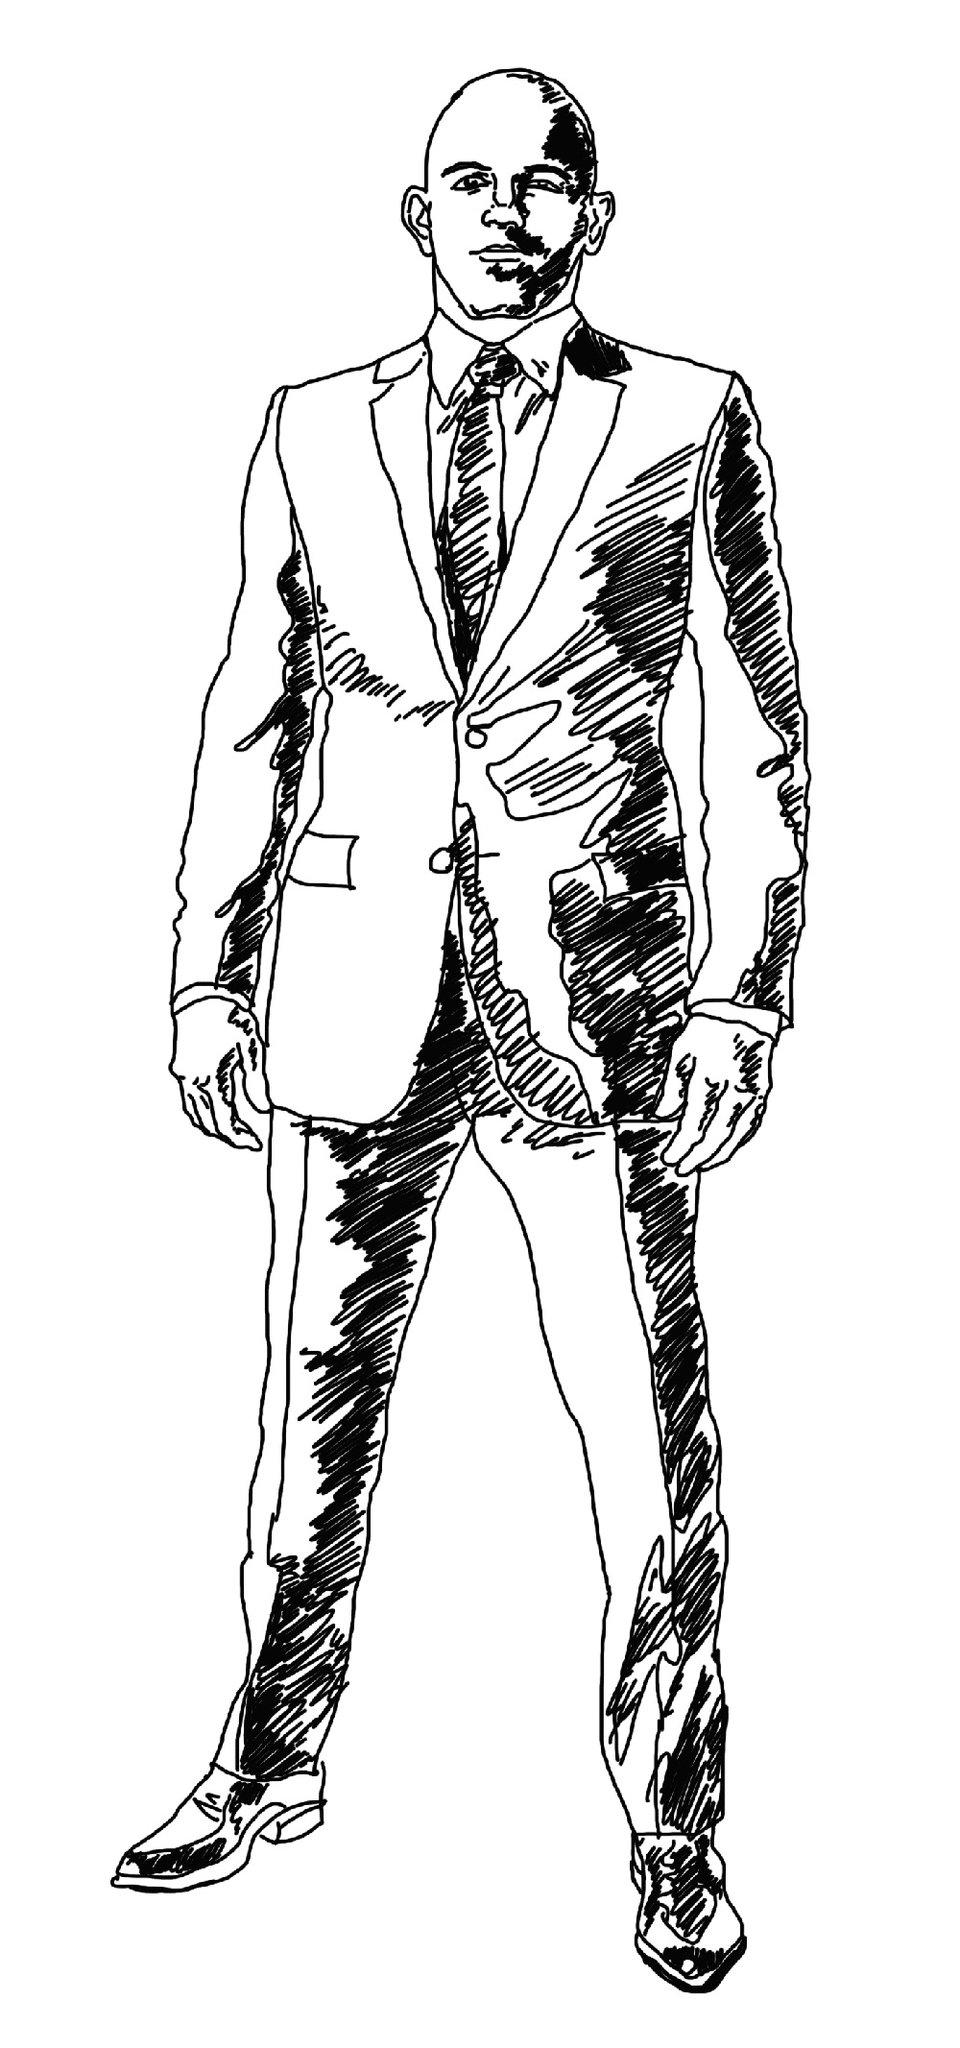 Человек рисунок карандашом в полный рост картинки